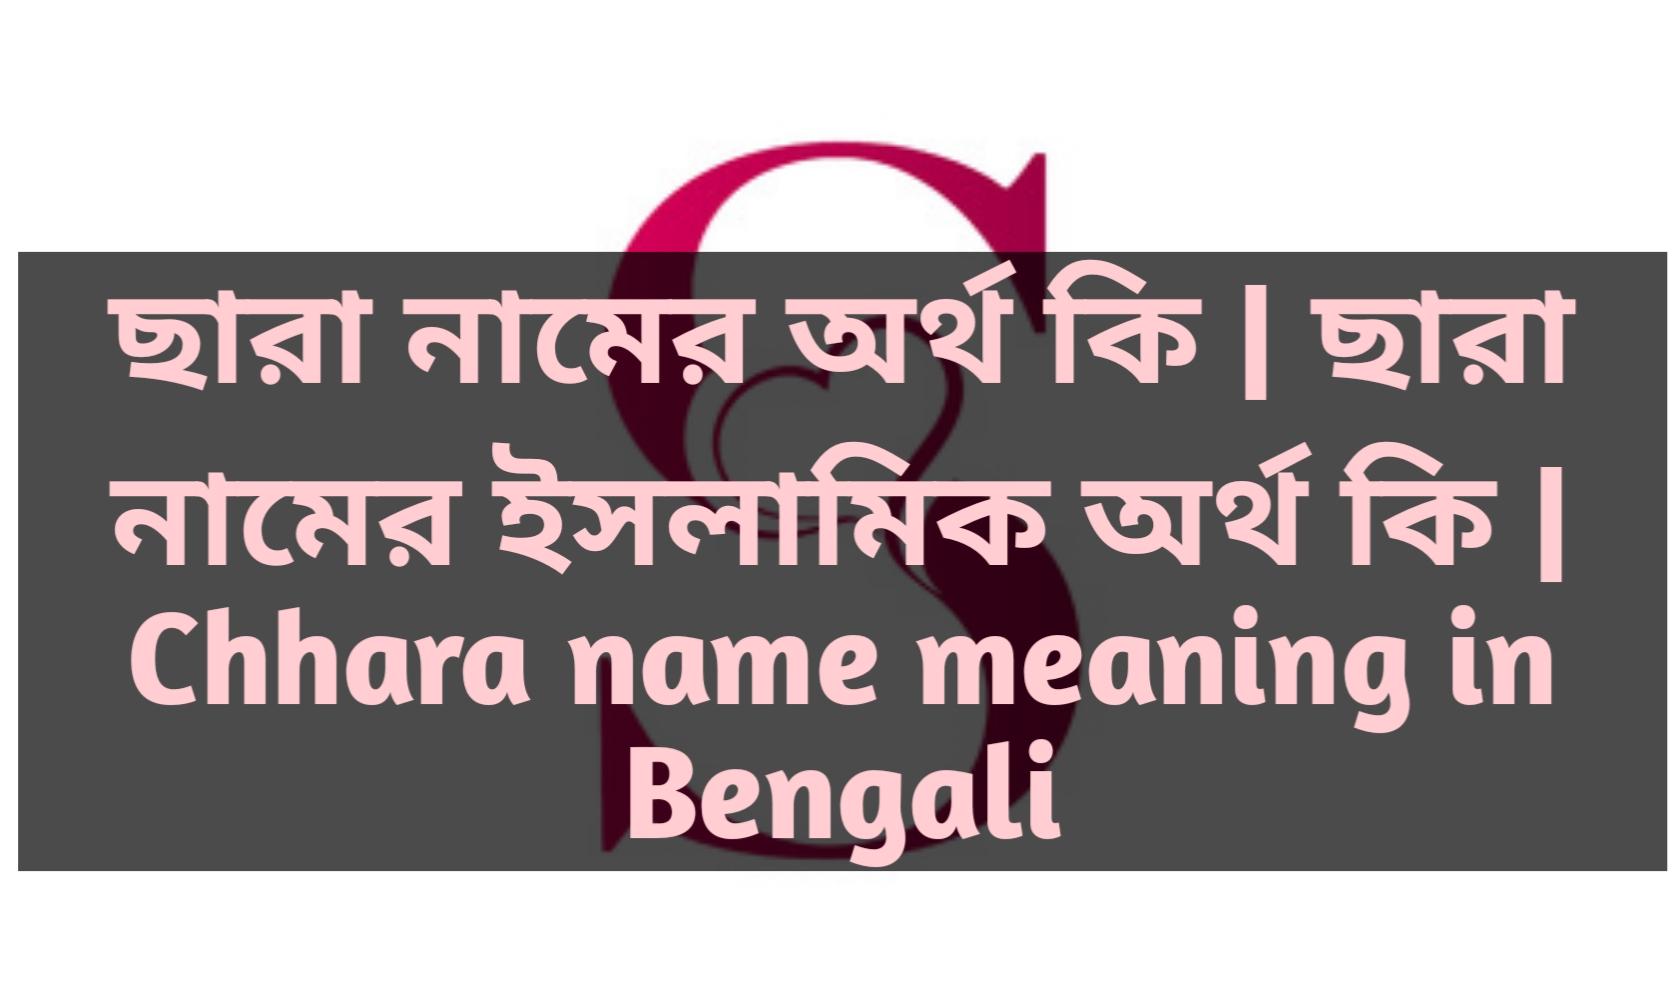 chhara name meaning in Bengali, ছারা নামের অর্থ কি, ছারা নামের বাংলা অর্থ কি, ছারা নামের ইসলামিক অর্থ কি,